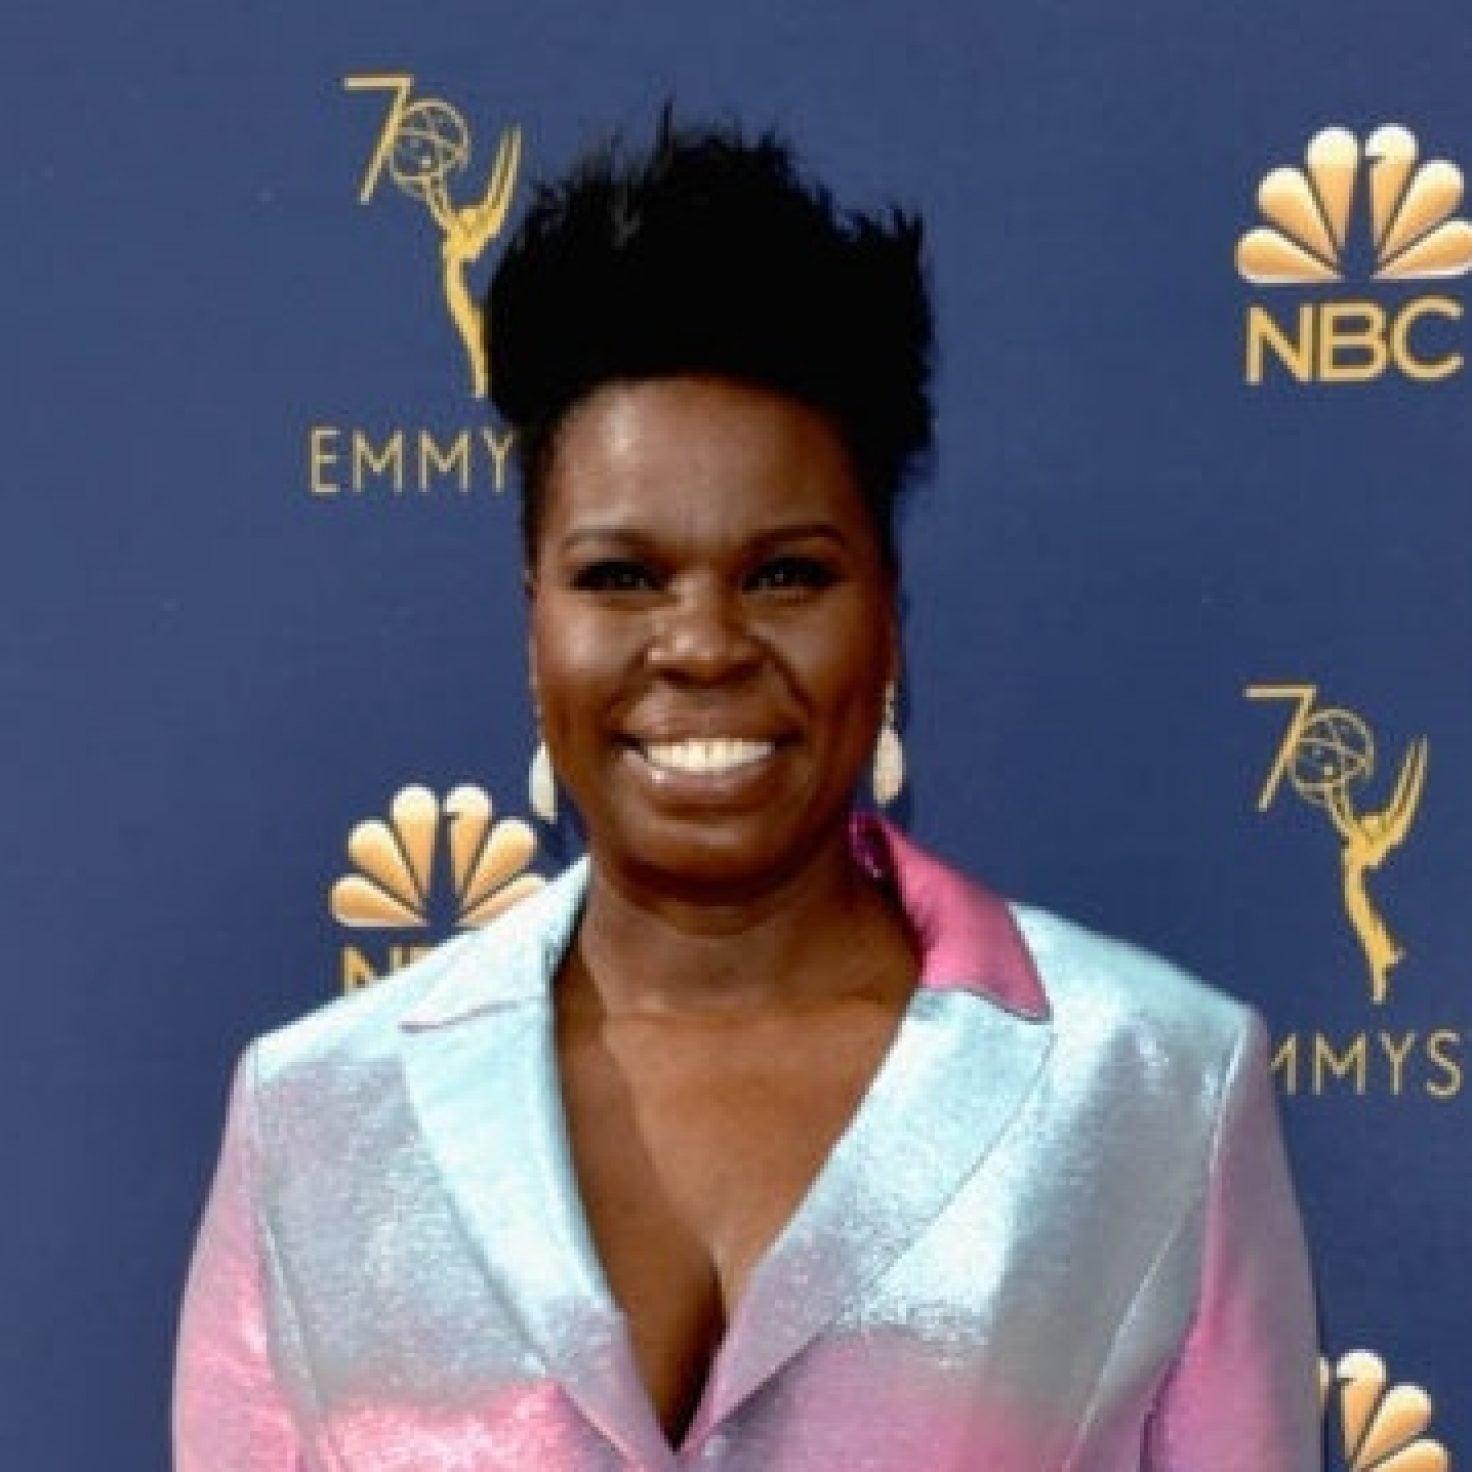 Leslie Jones Joins Laverne Cox To Host Emmy Announcements